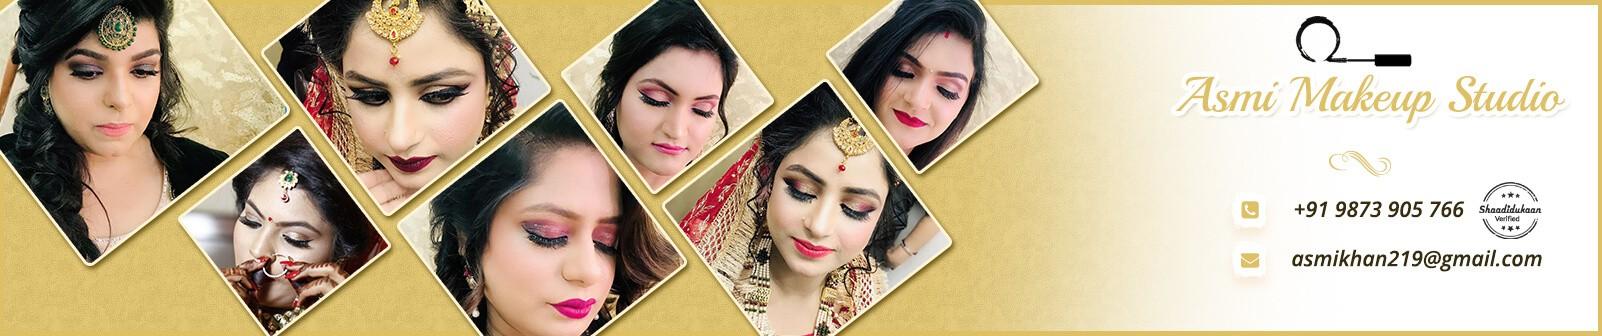 asmi-makeup-studio